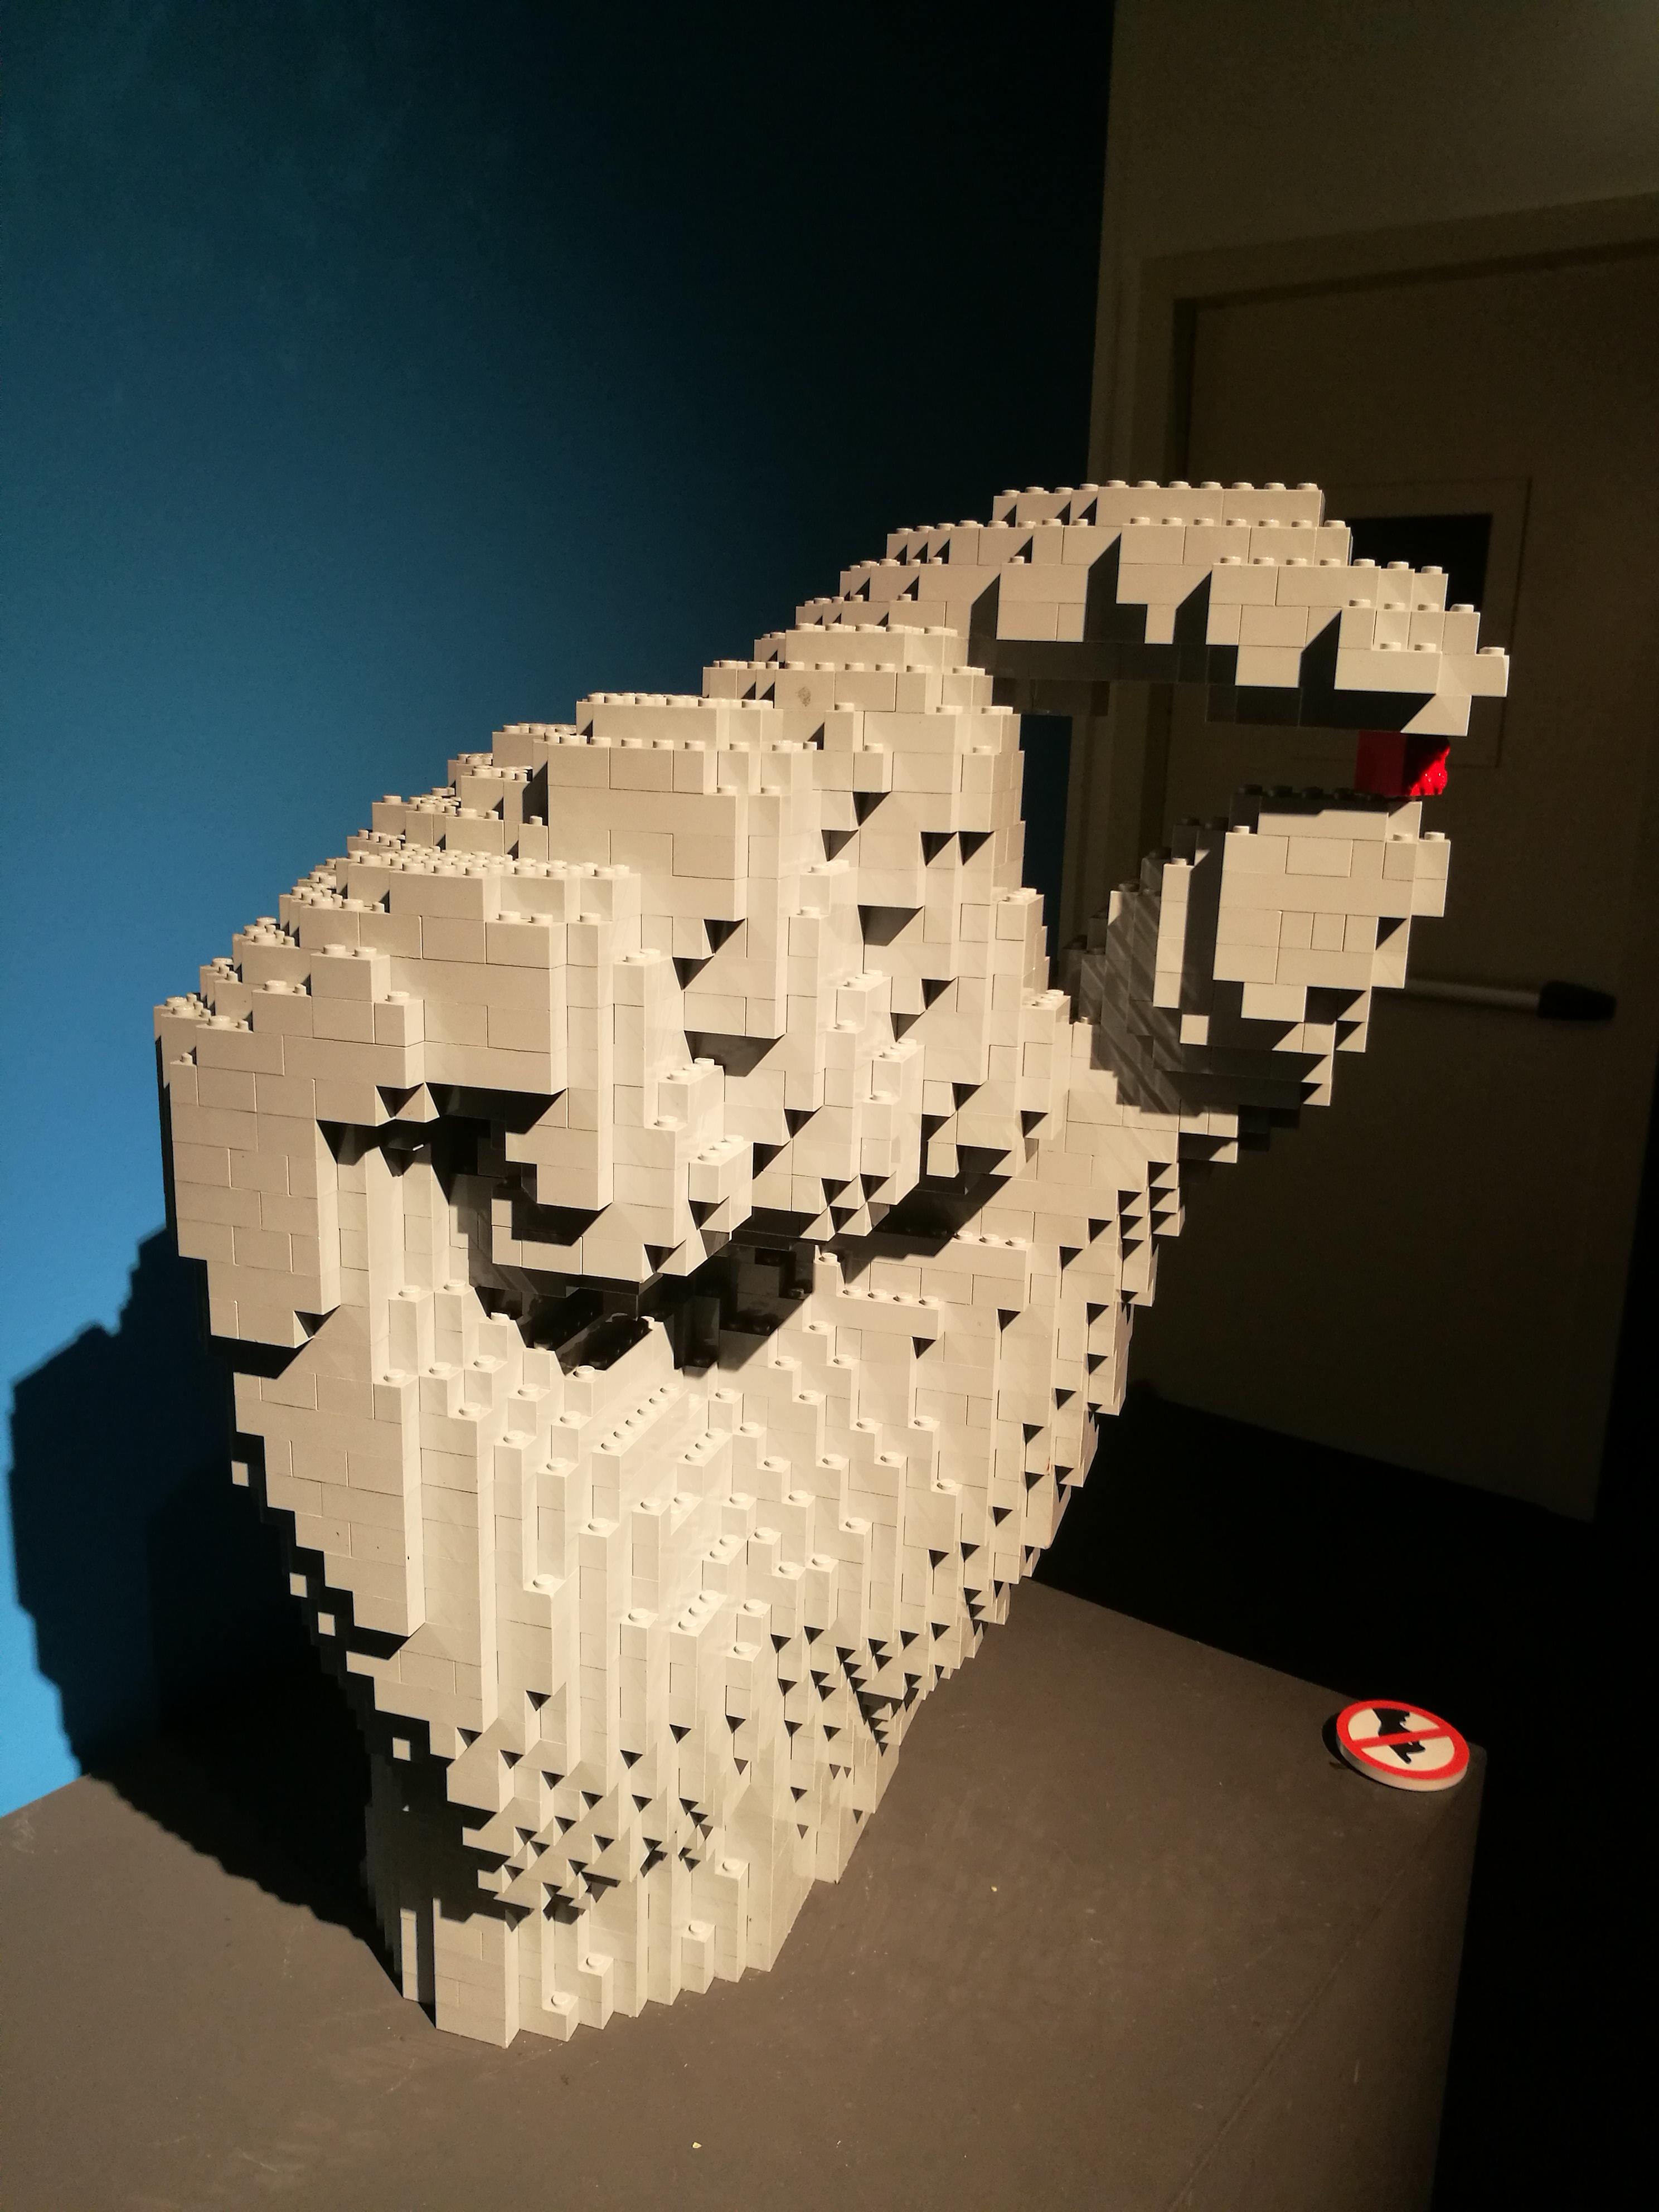 La mostra dei mattoncini Lego